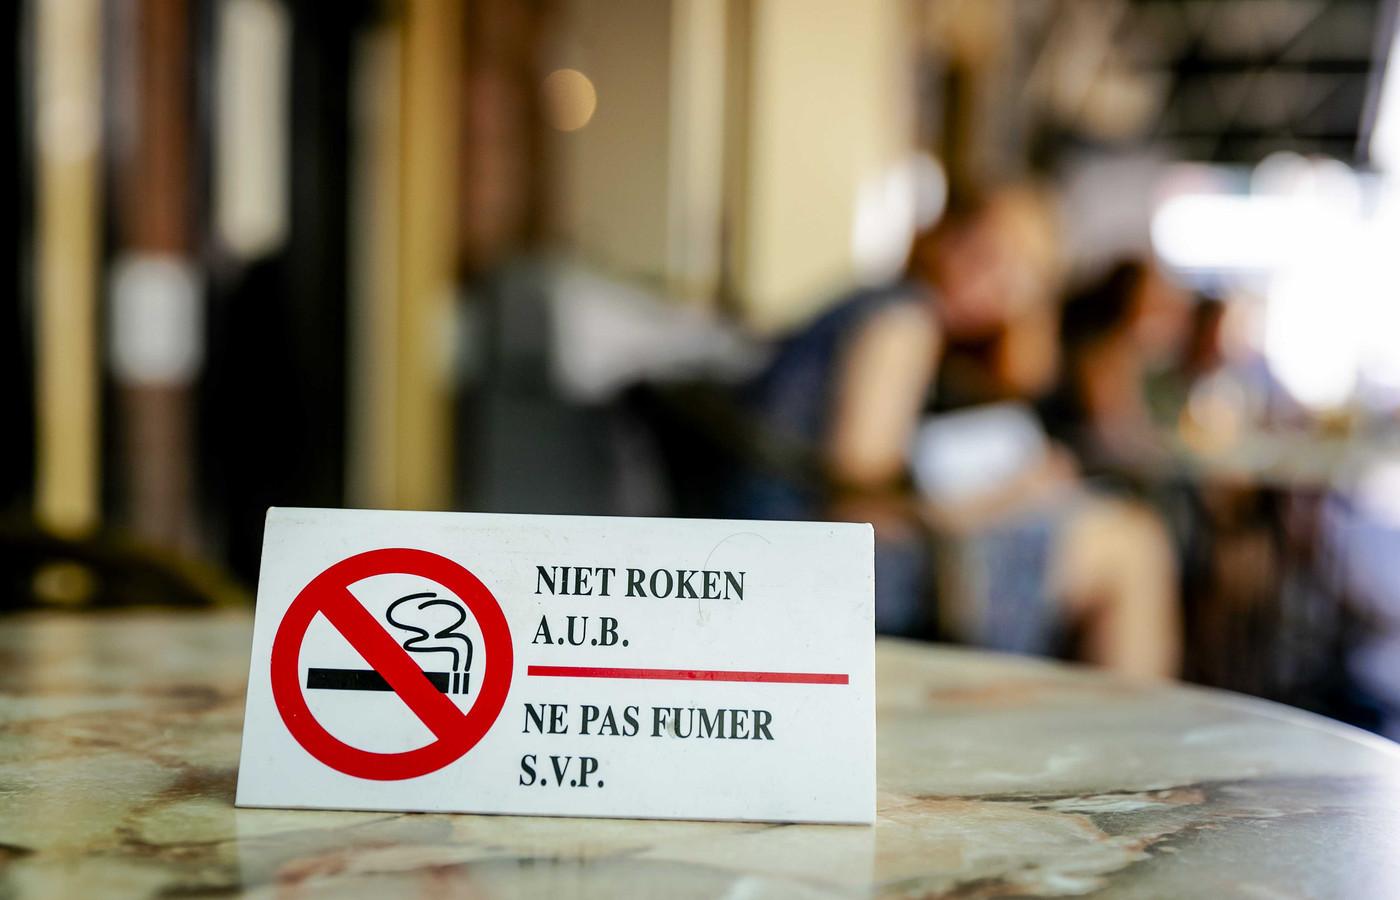 In Oost-Oost Nederland wil een meerderheid van de inwoners graag dergelijke bordjes zien op tarrestafeltjes.